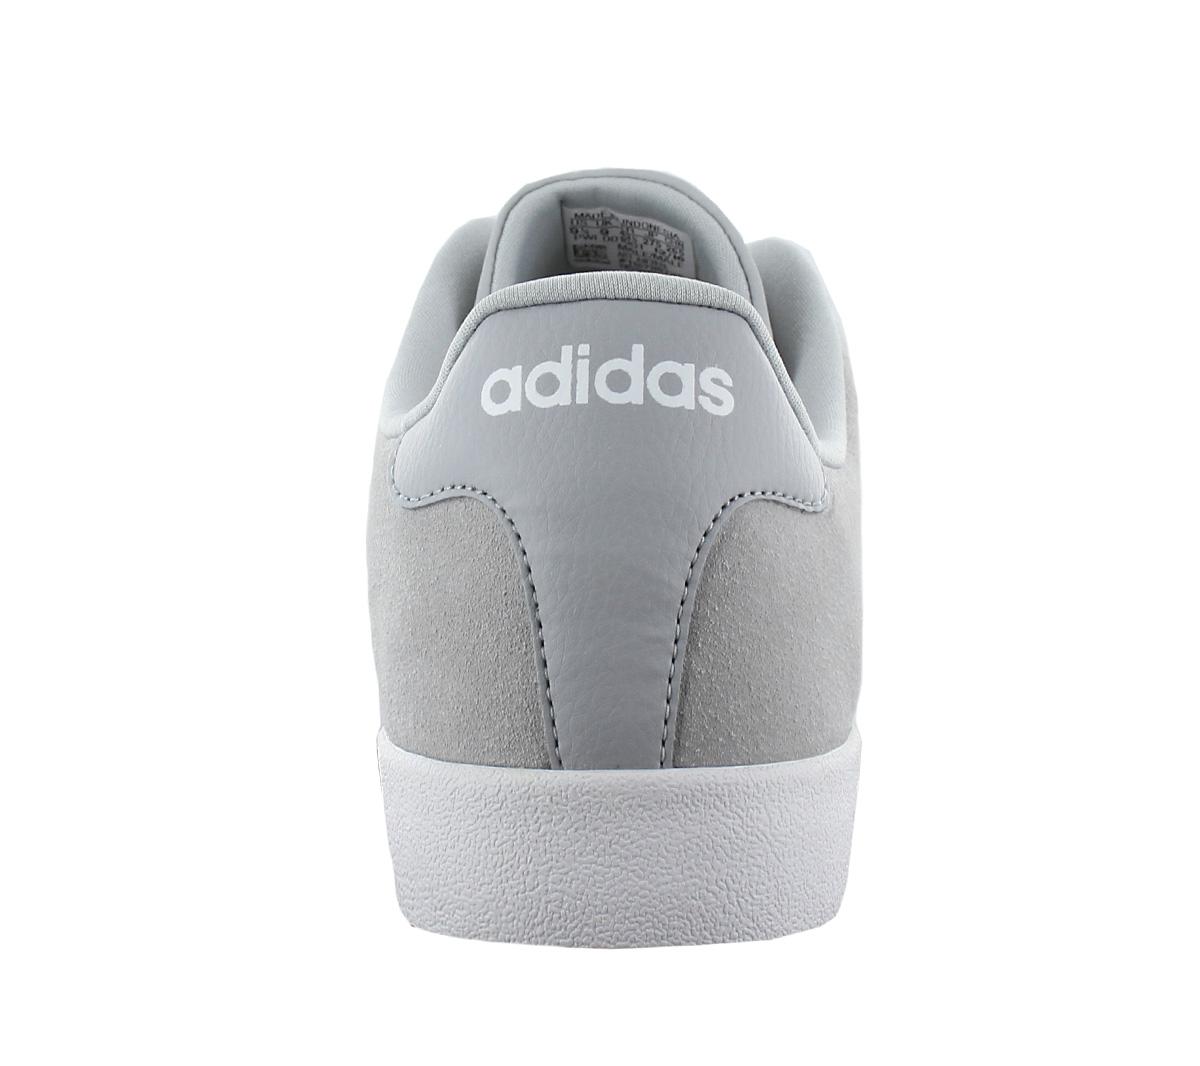 adidas VL Court Vulc Sneaker Herren schwarz gepolsterter